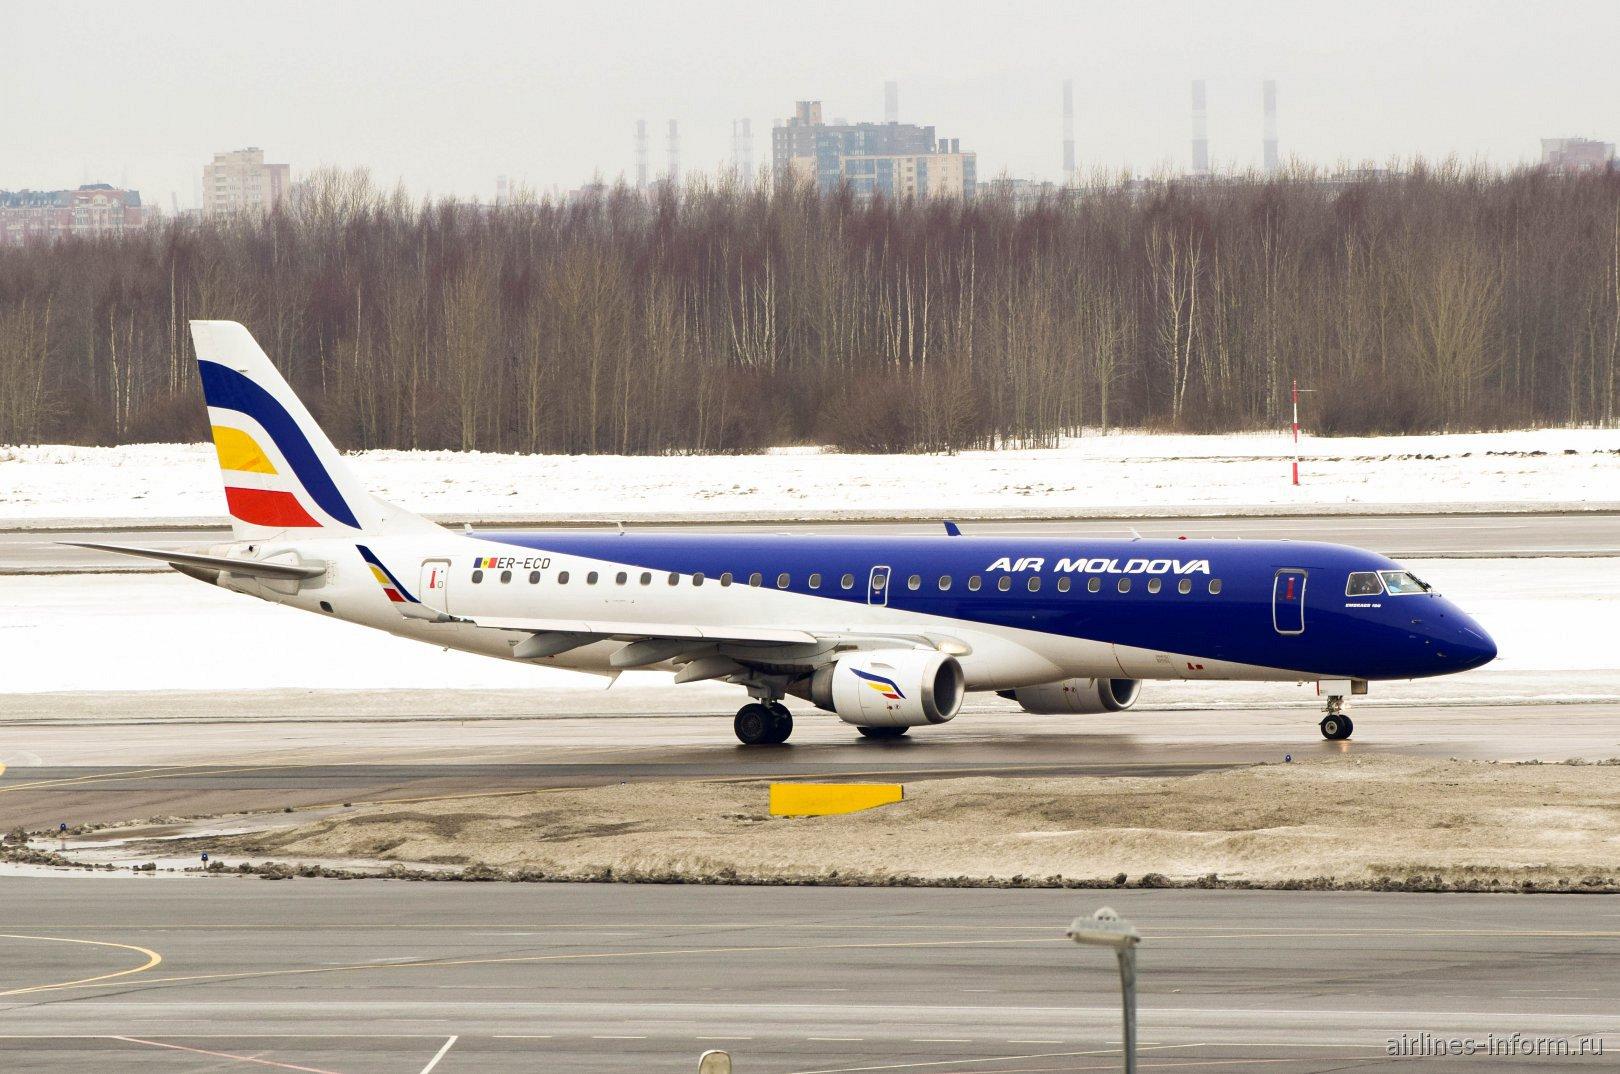 Самолет Embraer 190 ER-ECO авиакомпании